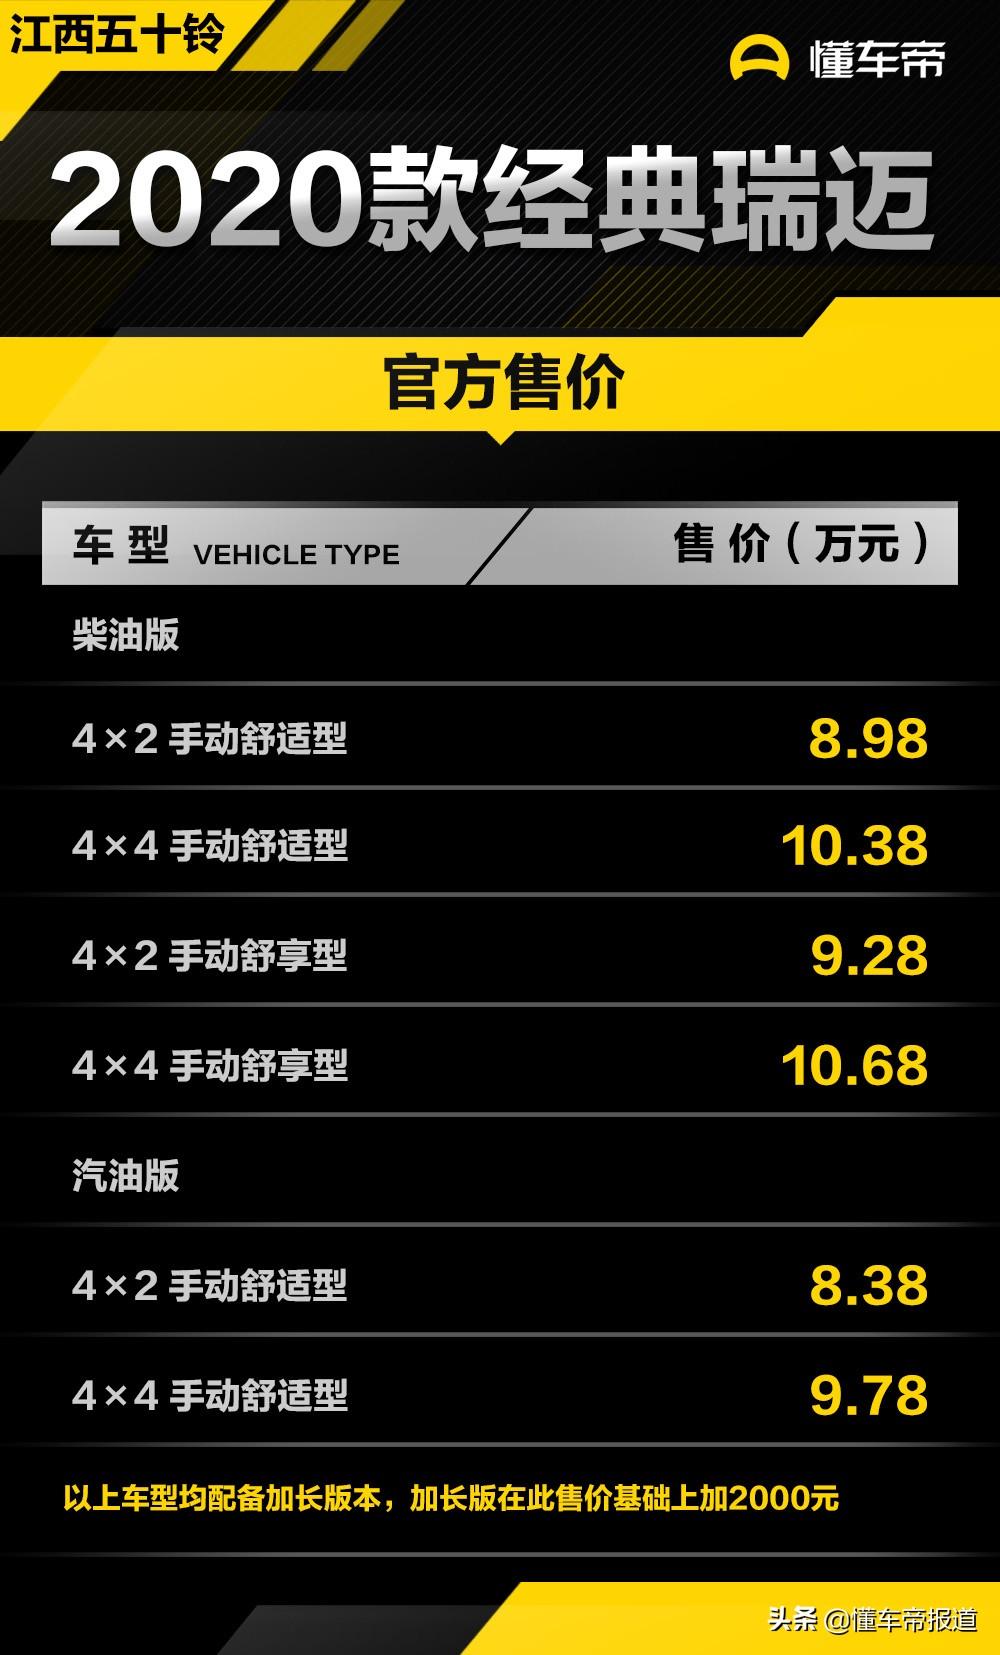 新车 | 售8.38万元起,江西五十铃2020款经典瑞迈上市